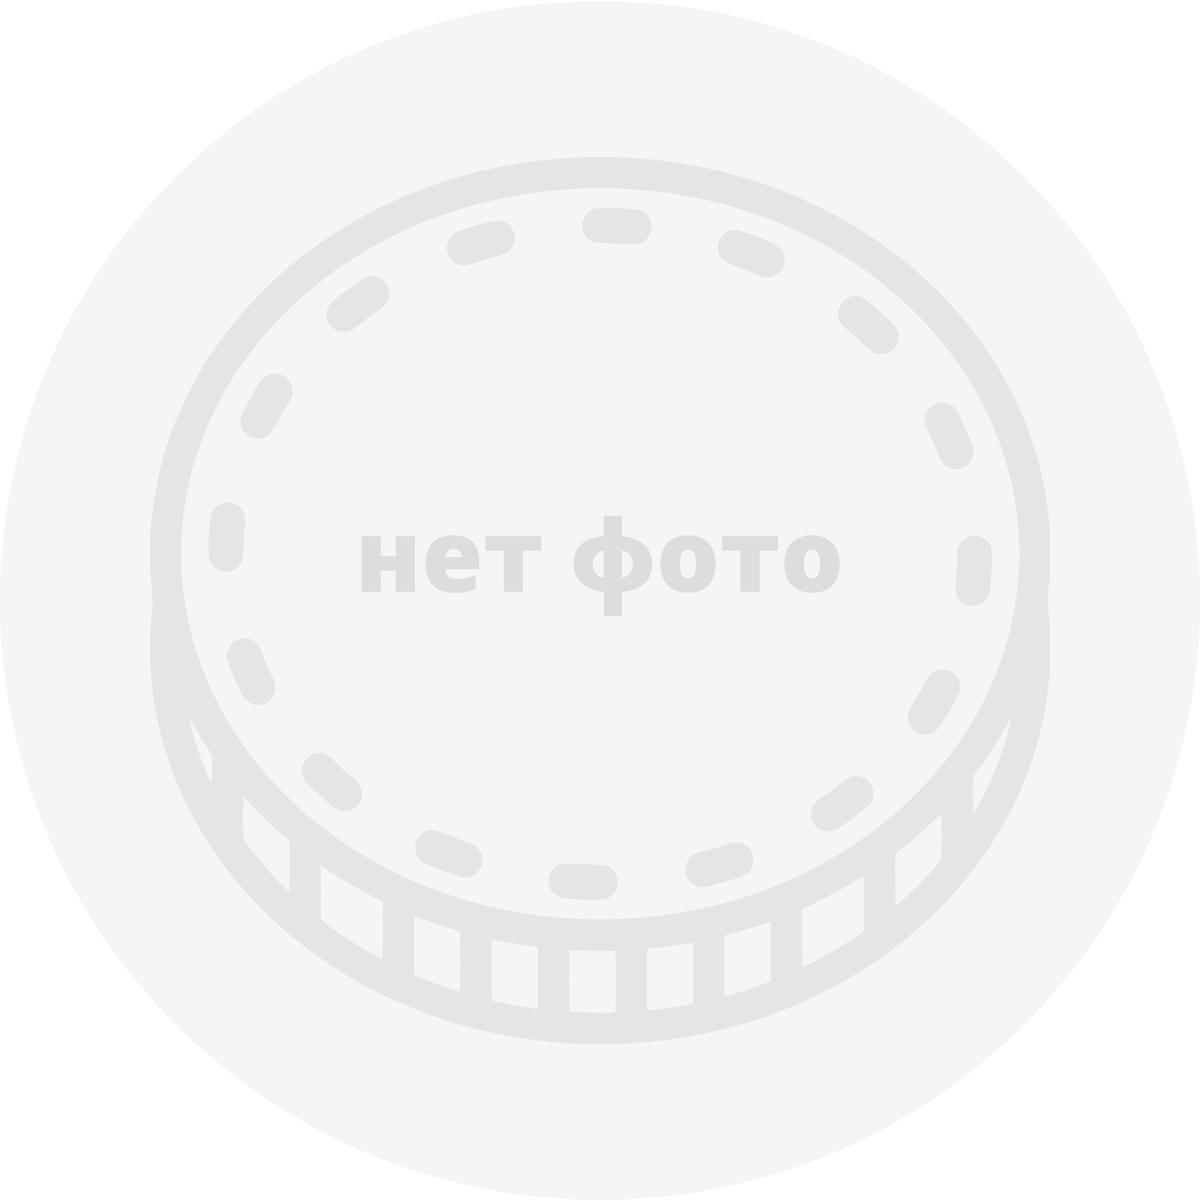 Невшатель, 1/2 батцена (1807 г.)